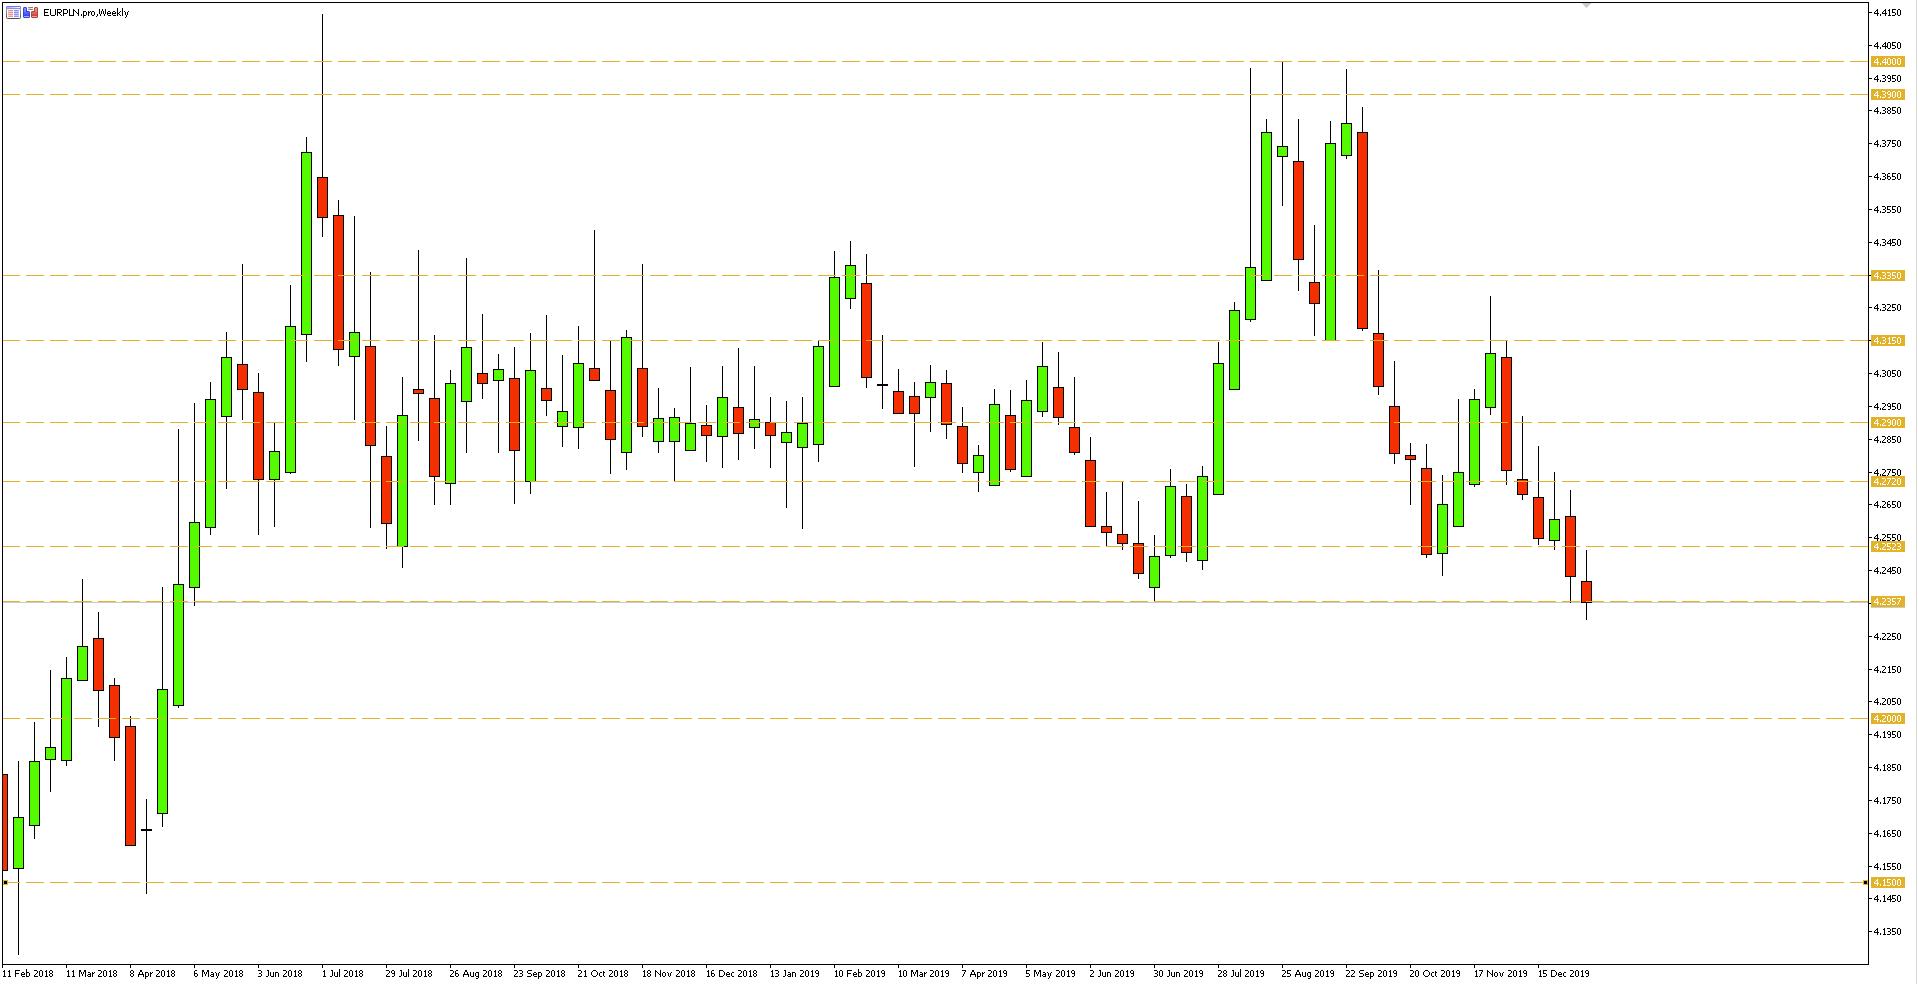 Wykres tygodniowy pary walutowej EURPLN - 10.01.2020 r.